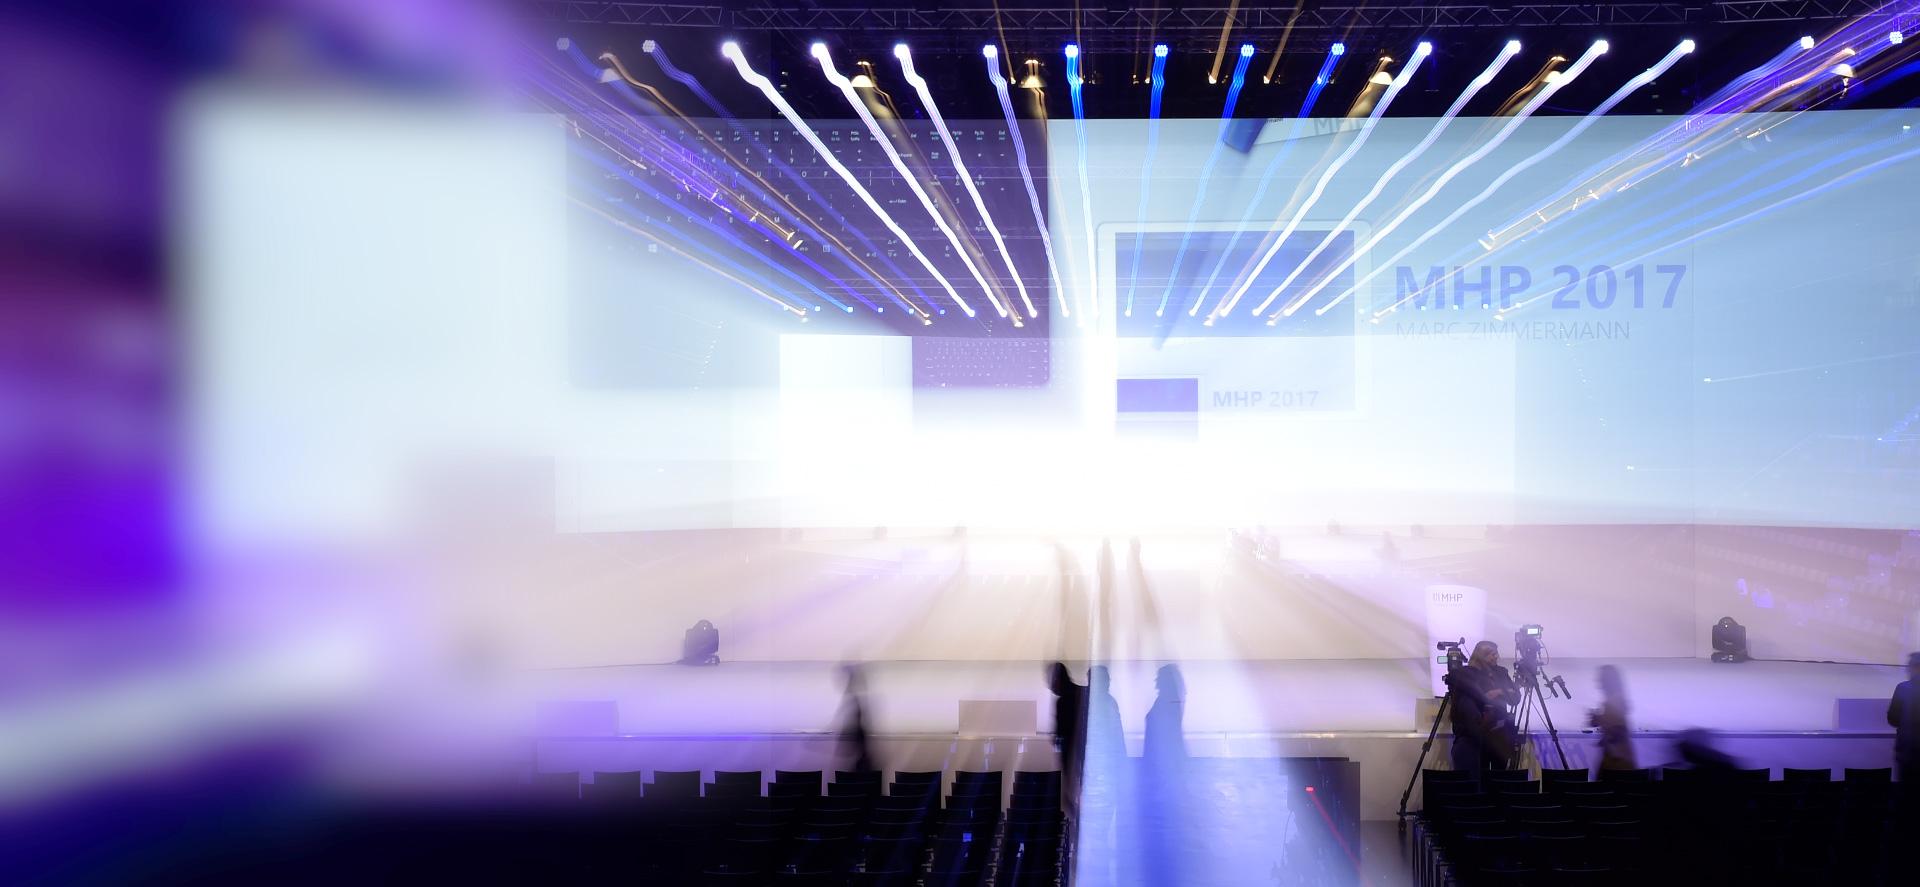 Lichttechnik, Home, Bühne, Event